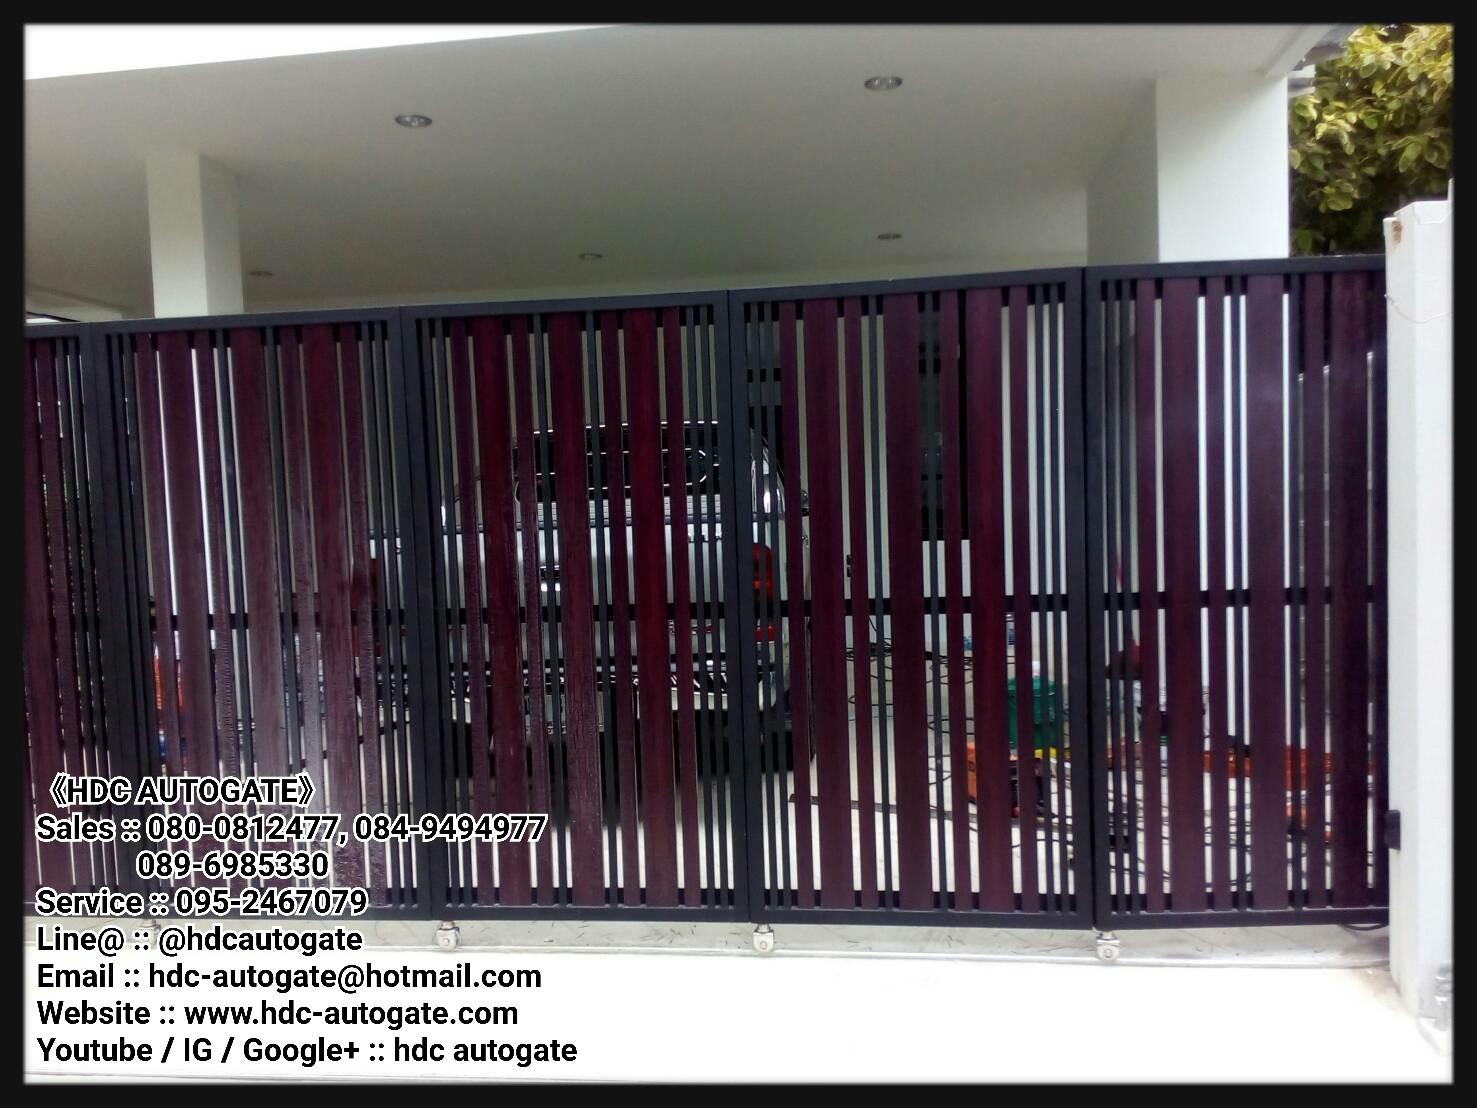 ผลงานออกแบบ ผลิตและติดตั้งประตูรั้วเหล็กติดอลูมิเนียมลายไม้บานโค้ง บานซ้อนสาม พร้อมติดมอเตอร์ประตูรีโมทบานเลื่อนสำหรับทุกรูปแบบ ด้วยมอเตอร์ Roger SLR 800kg. Made in Italy  ที่ซอยอารียสัมพันธ์